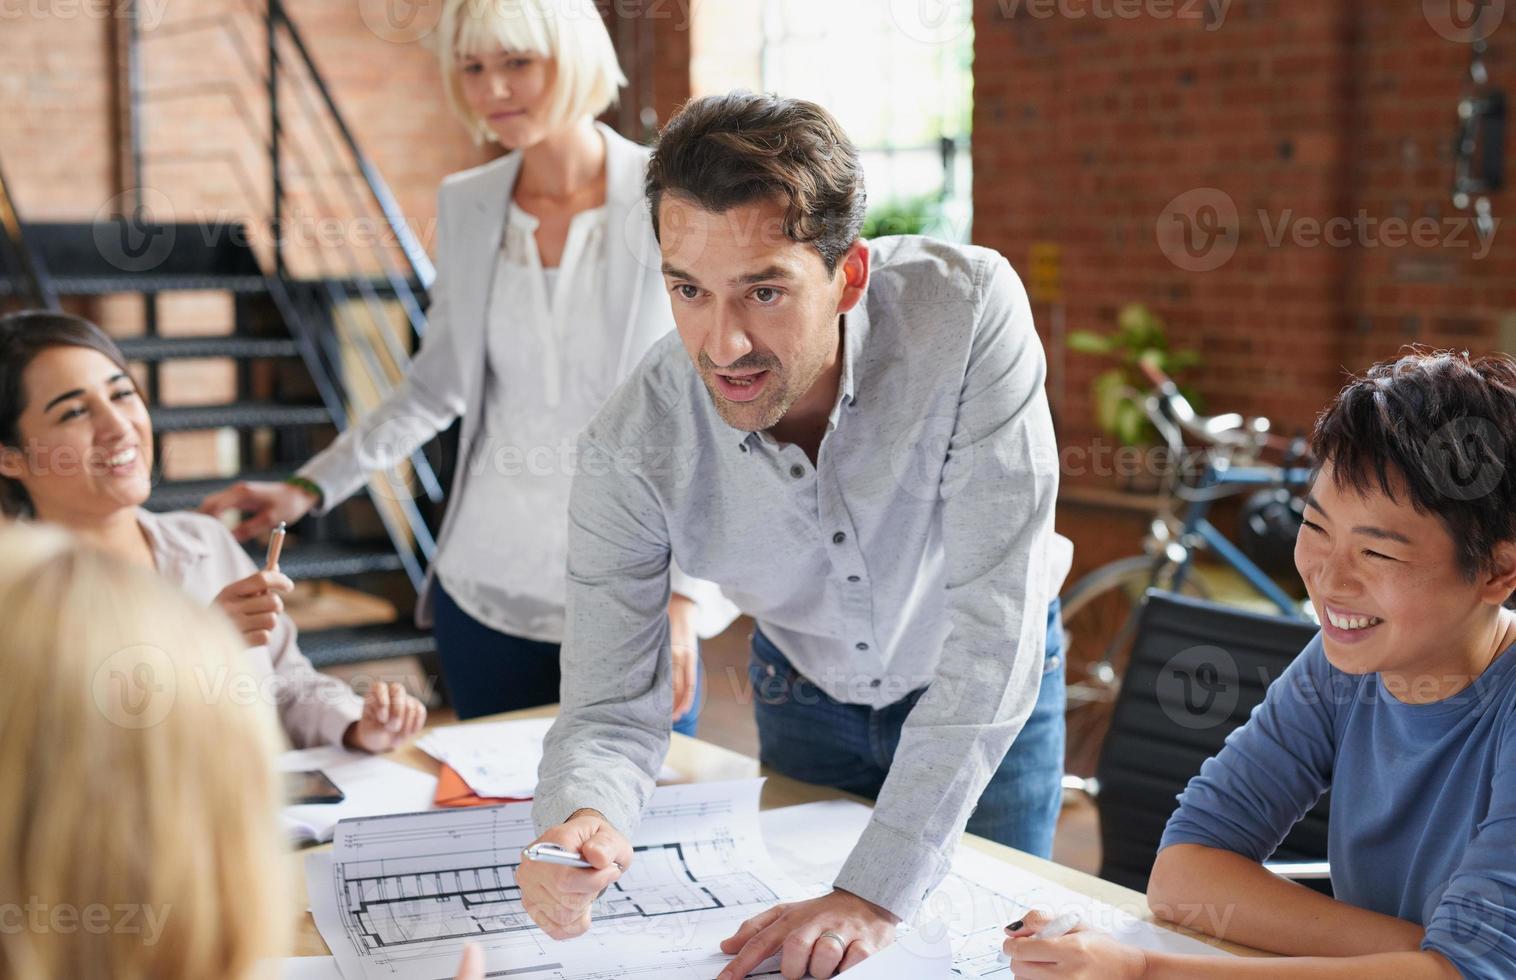 architectes travaillant sur des plans à la table de réunion d'affaires photo